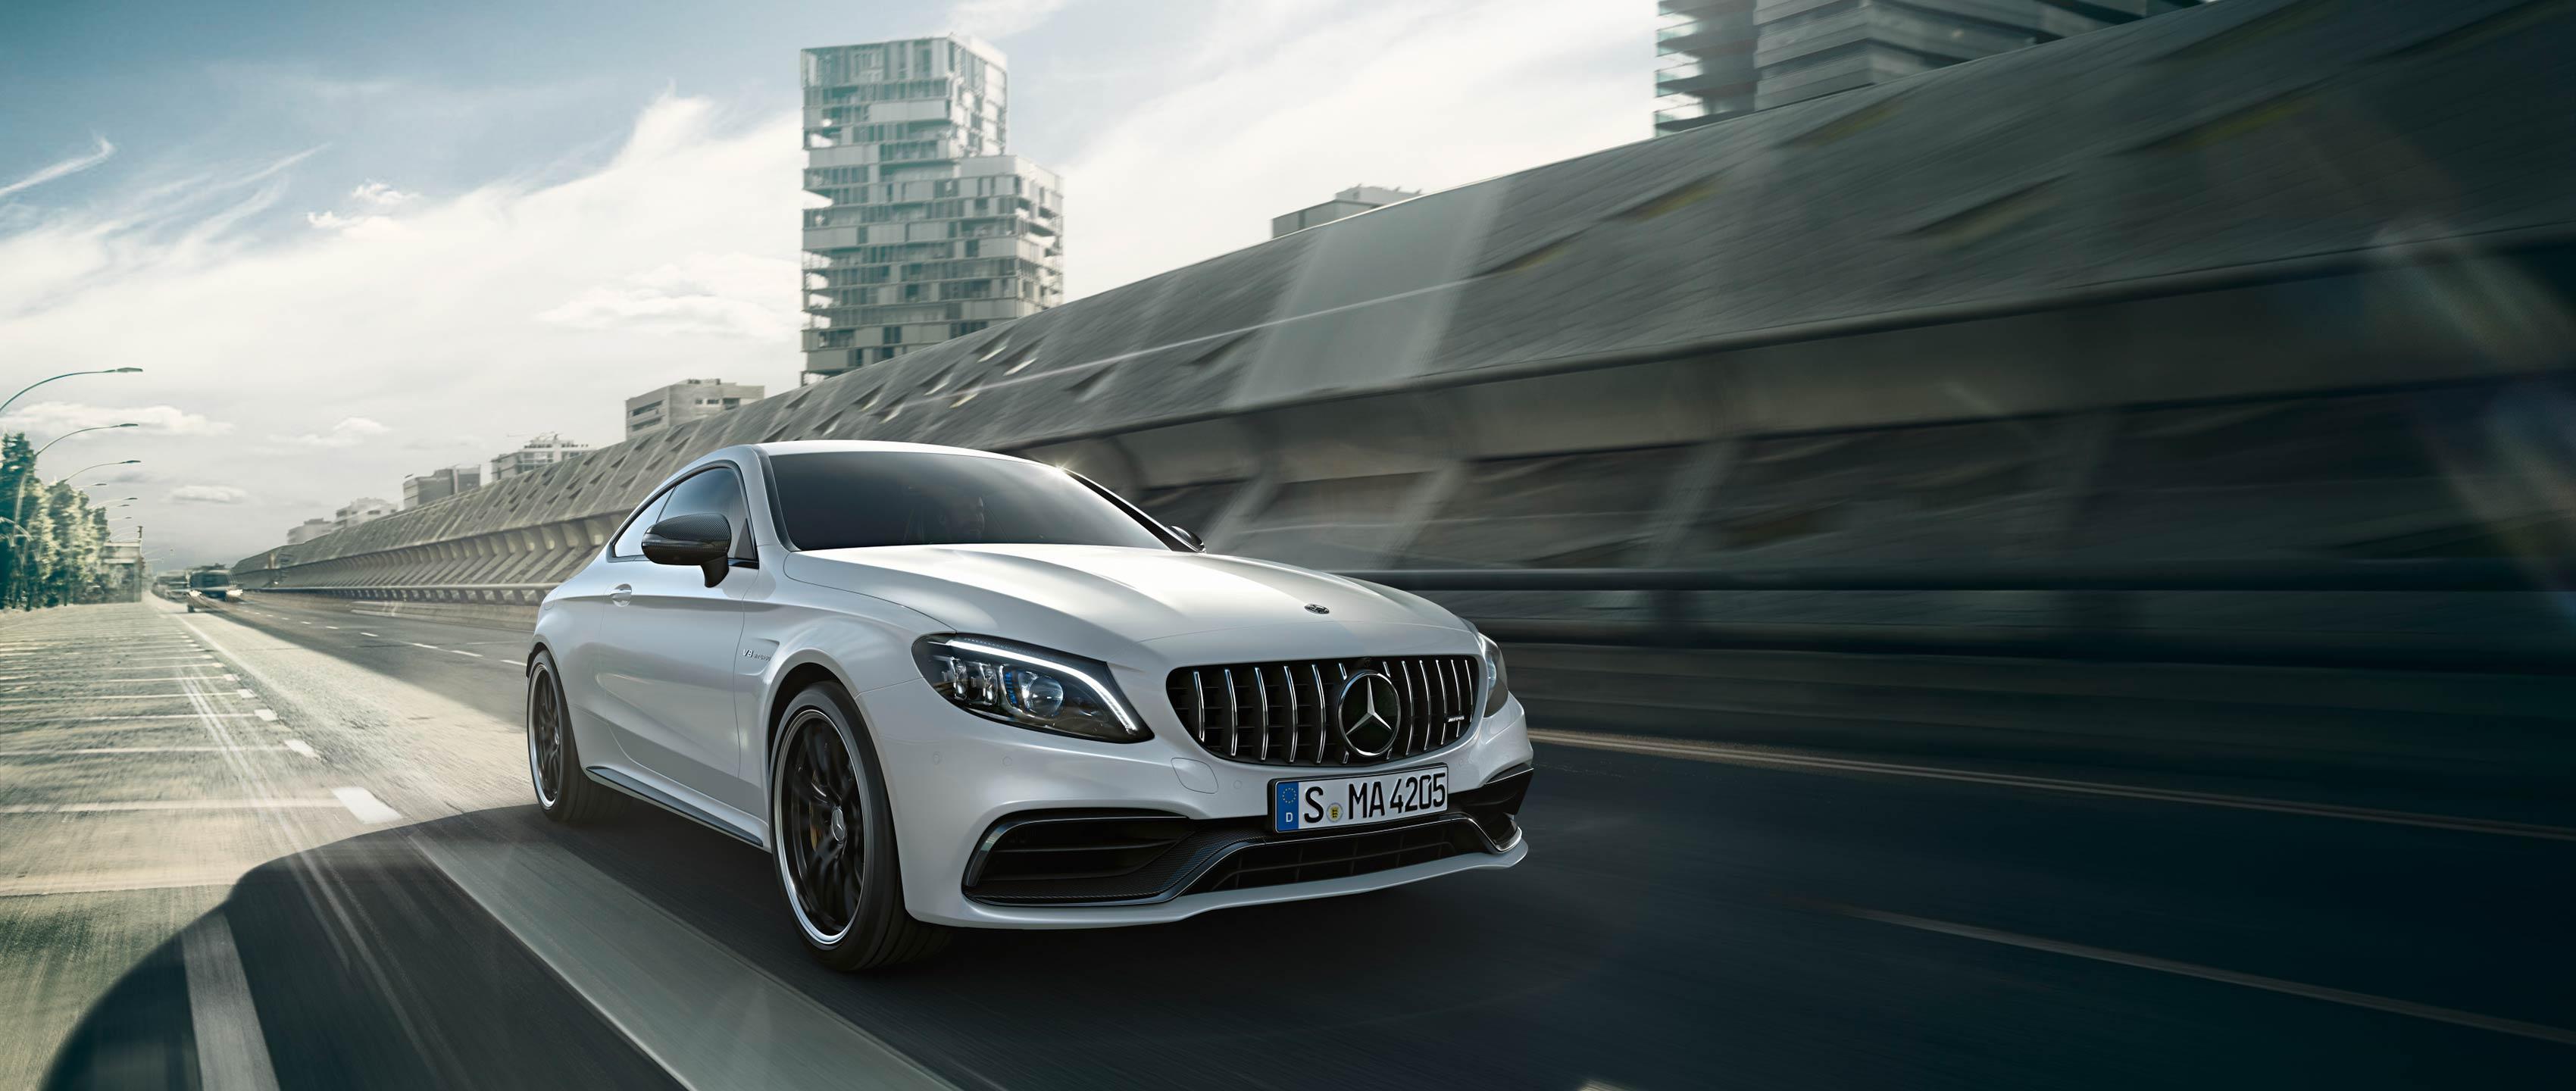 Новые модели Mercedes-AMG C 63